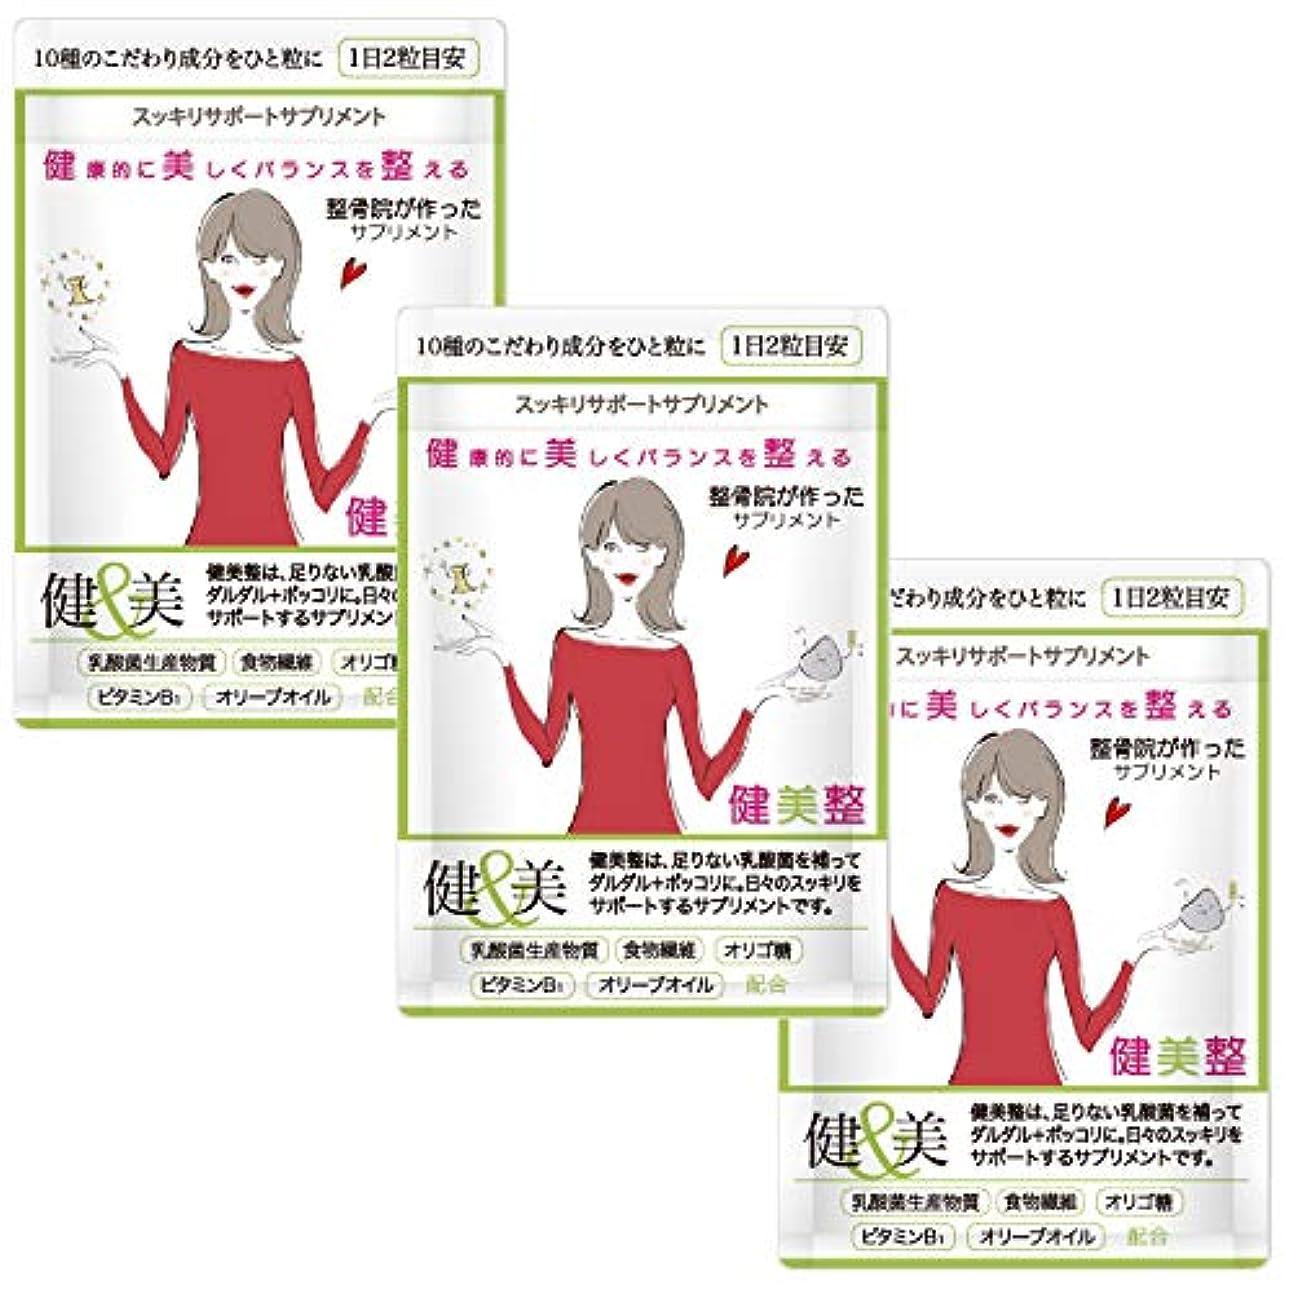 ダイエット サプリメント 人気 酵素 健美整プラス 腸内環境 炭 60粒1か月分 (3)